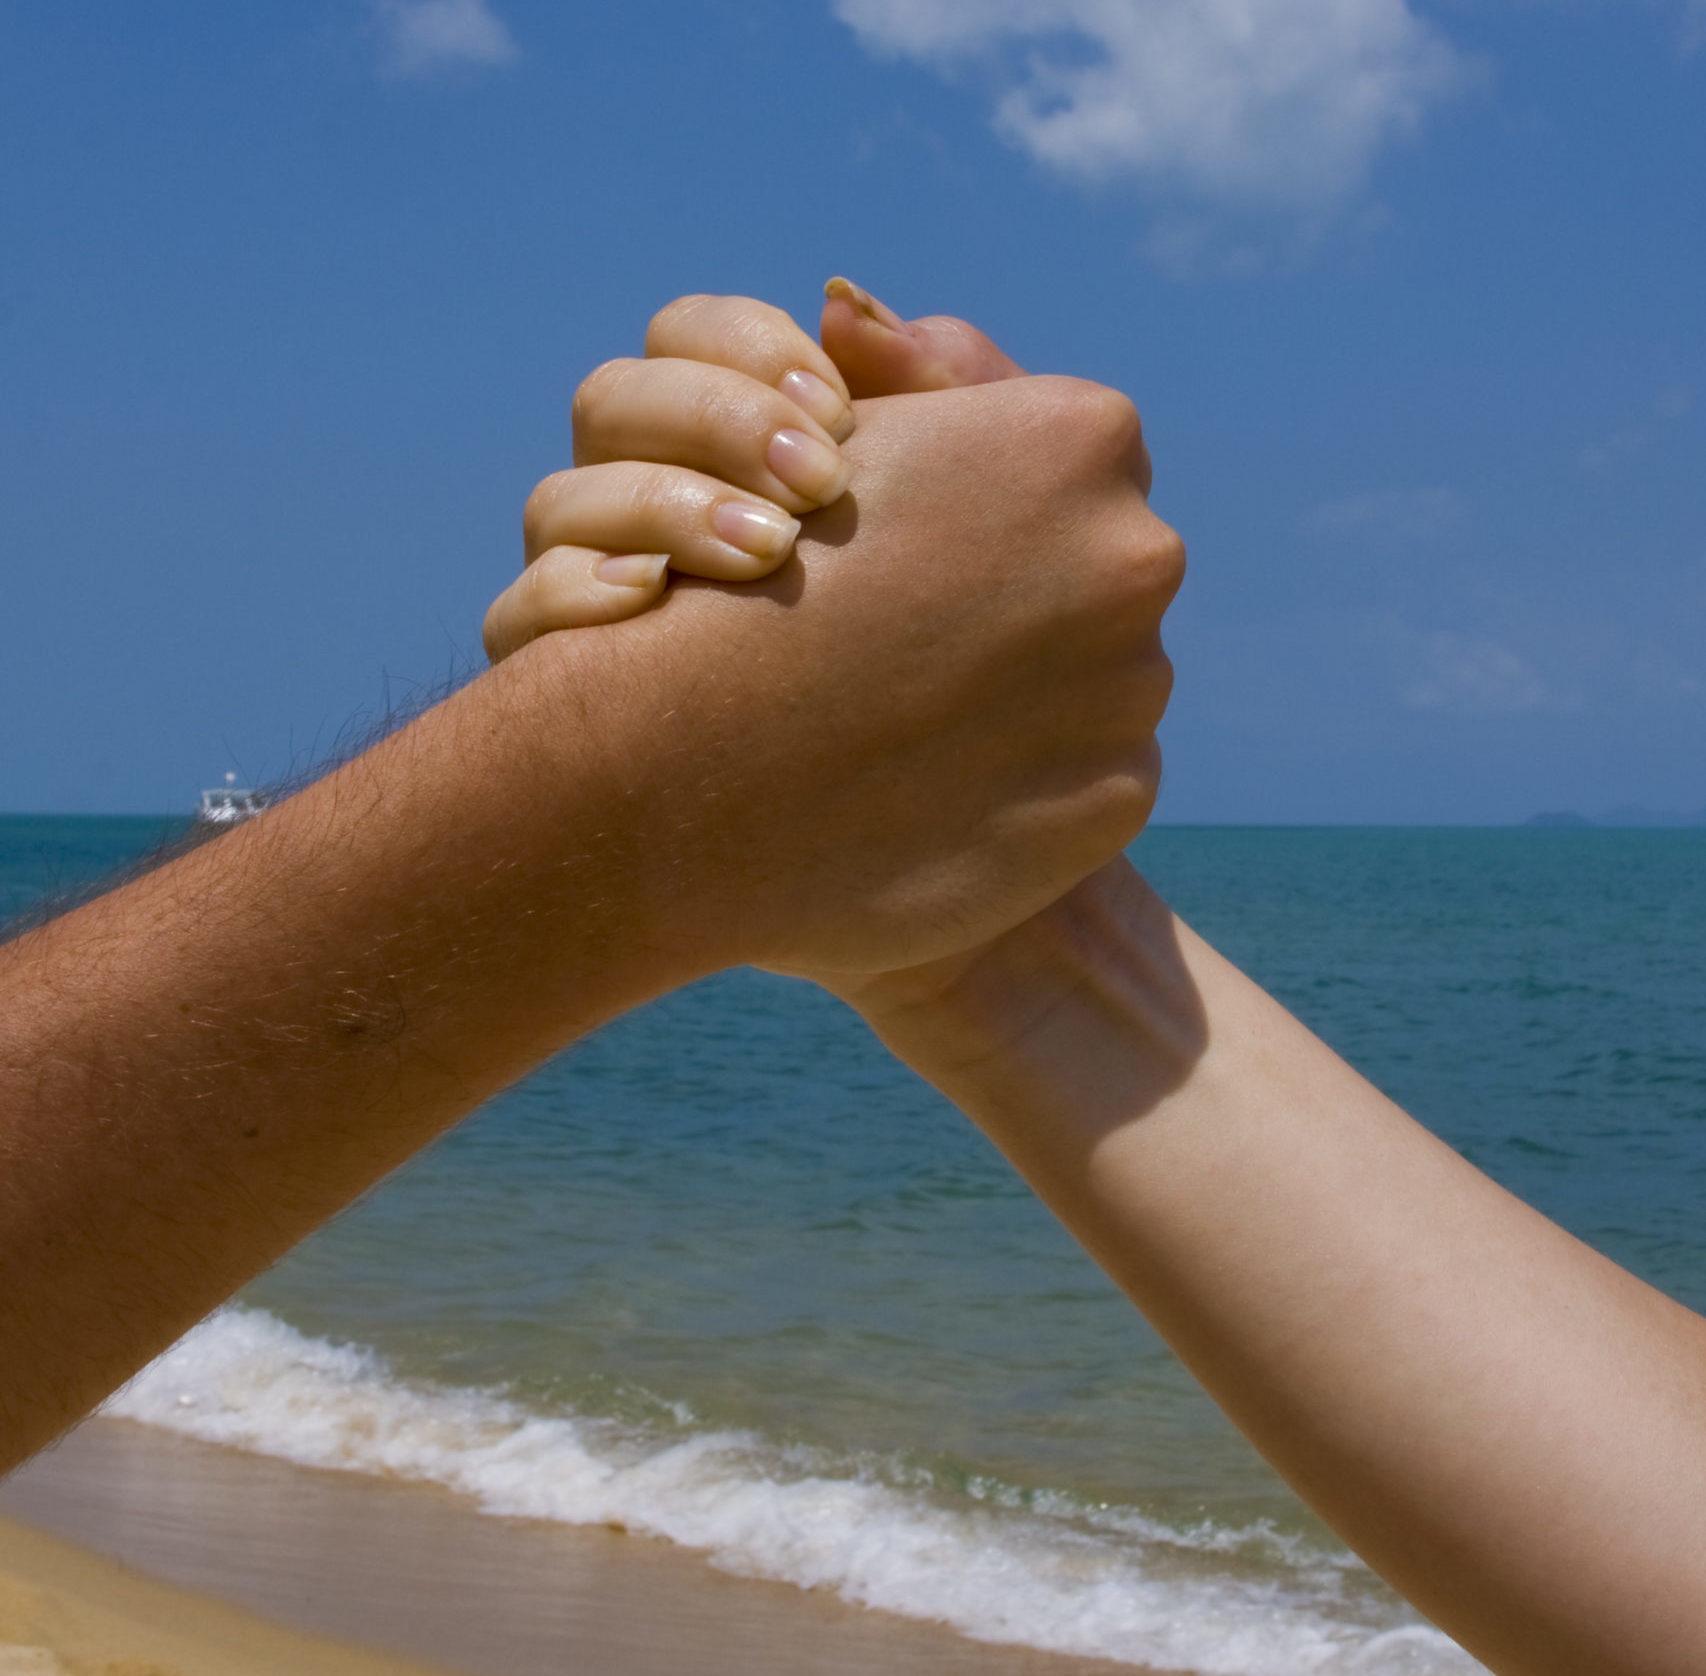 Wir-sind-ein-Team Handhaltung zweier Menschen